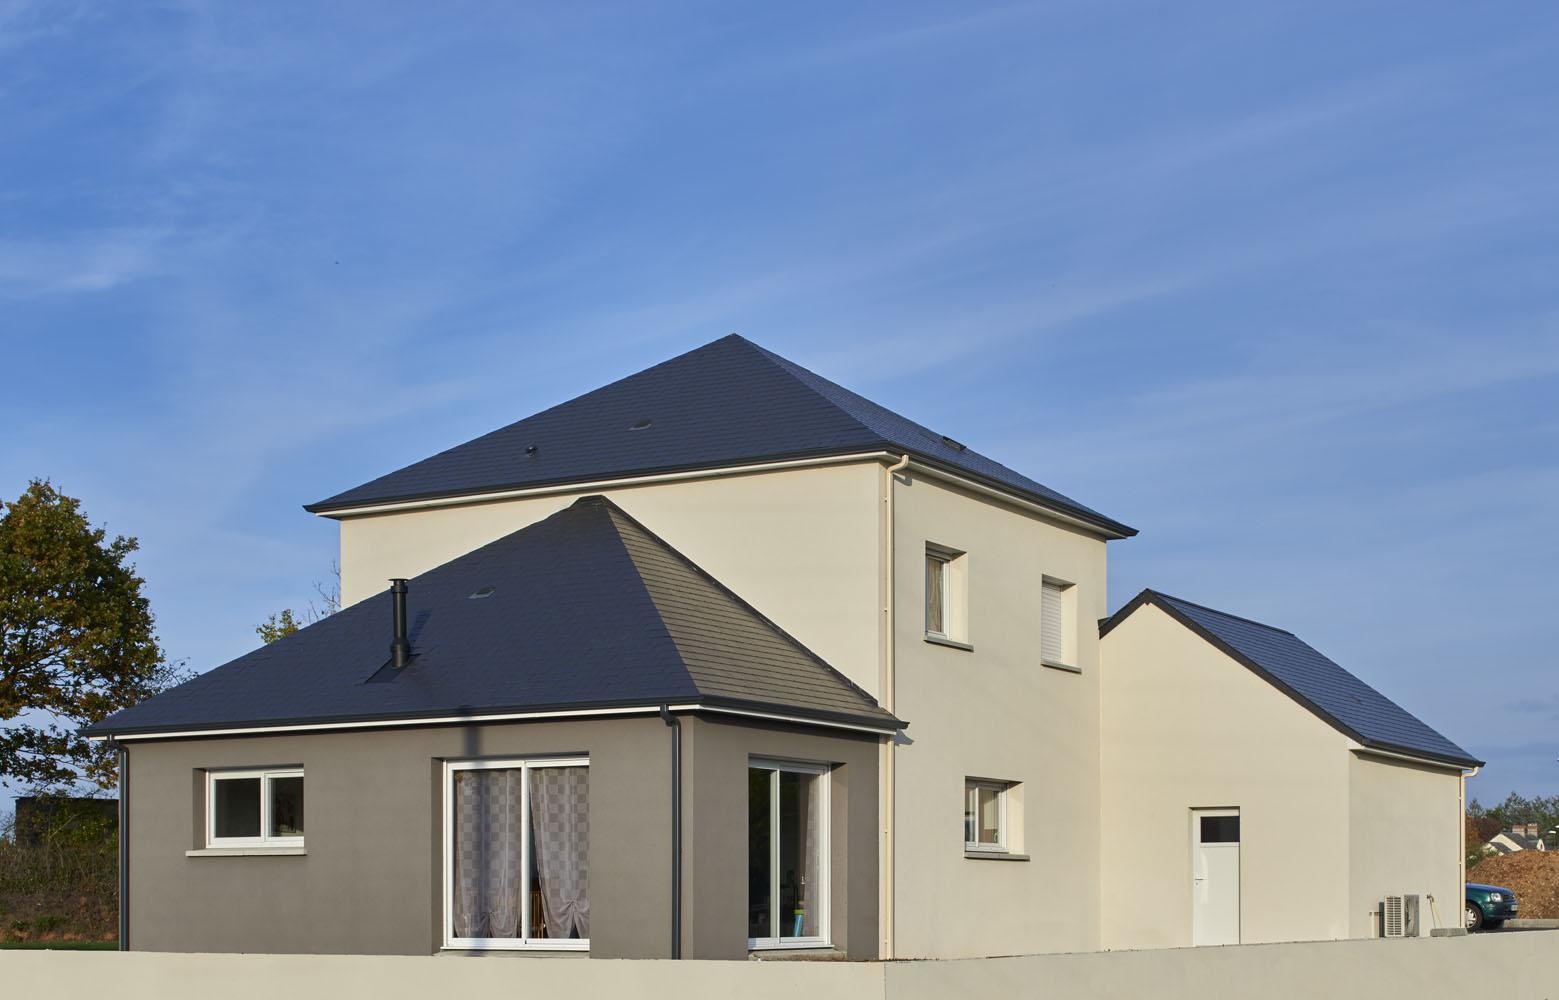 Maison Contemporaines Moderne - Bayeux - 04